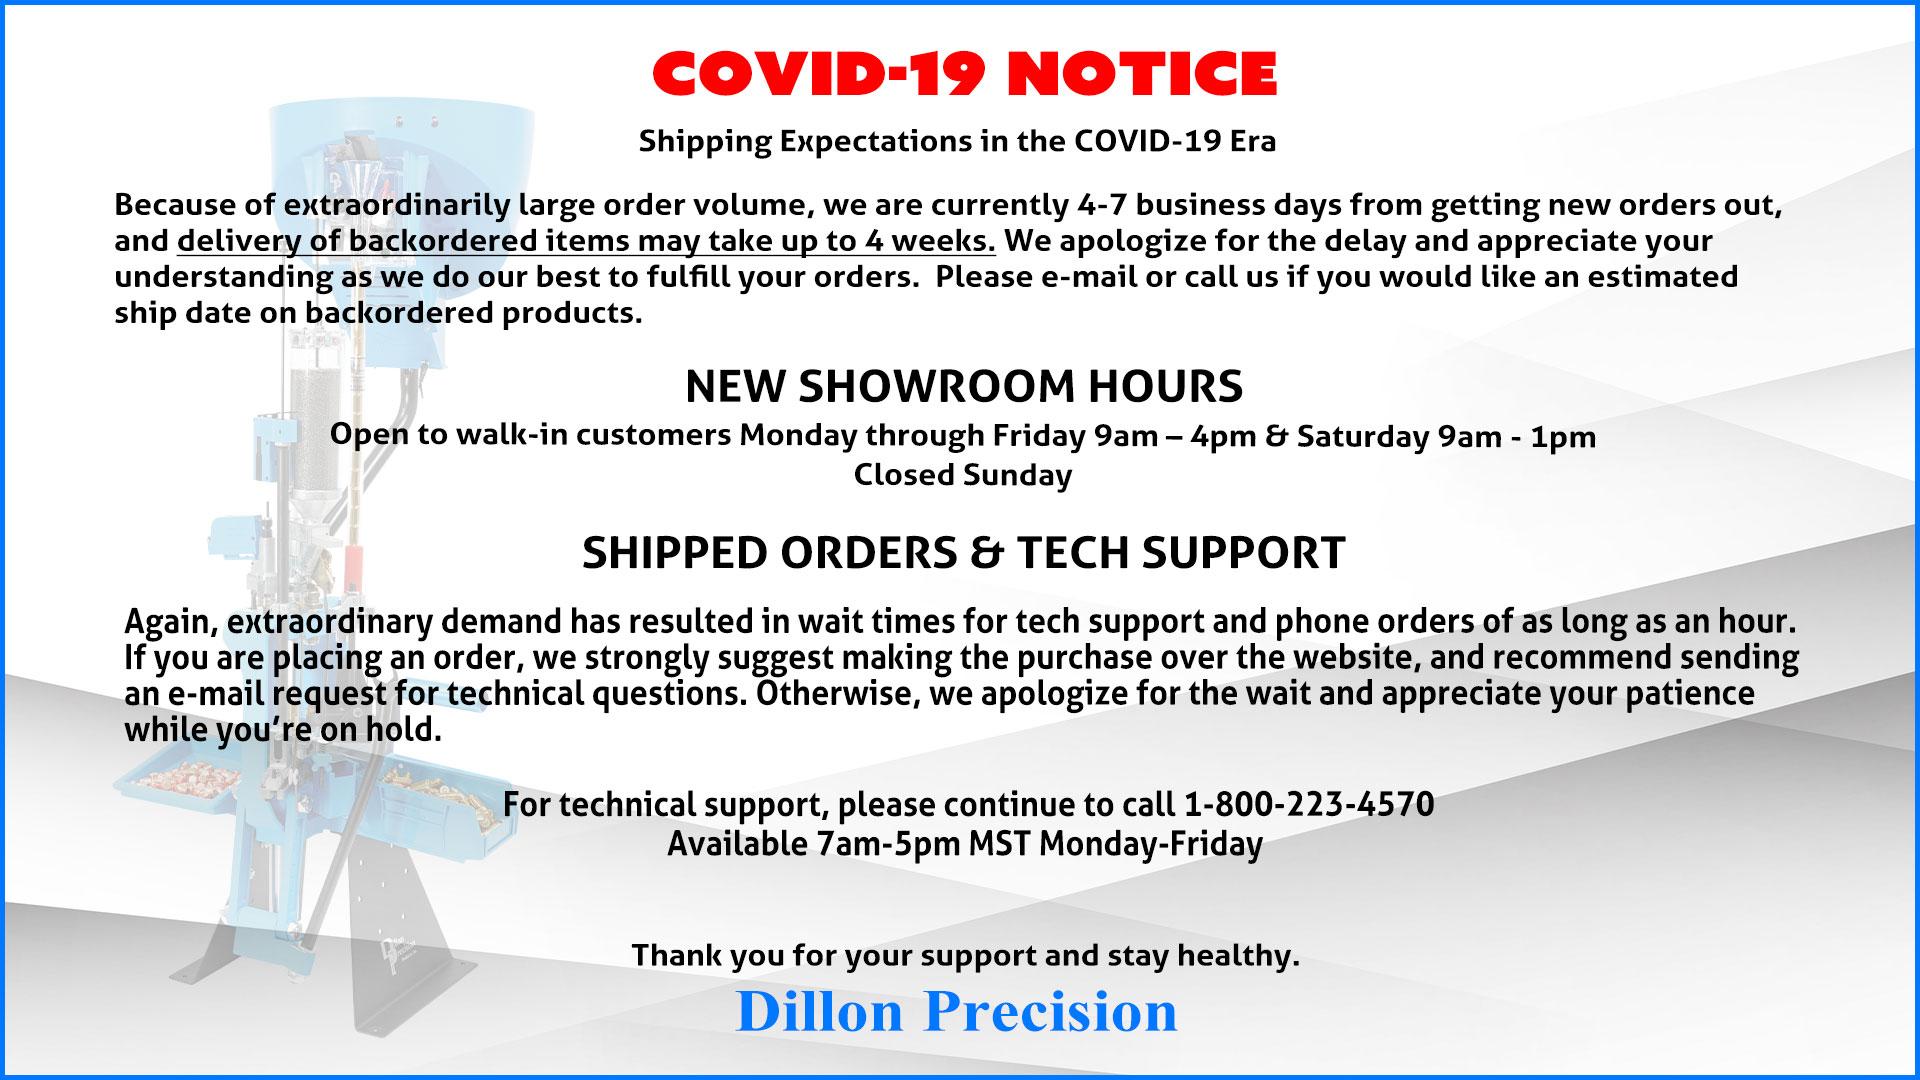 Dillon Precision Covid-19 Response